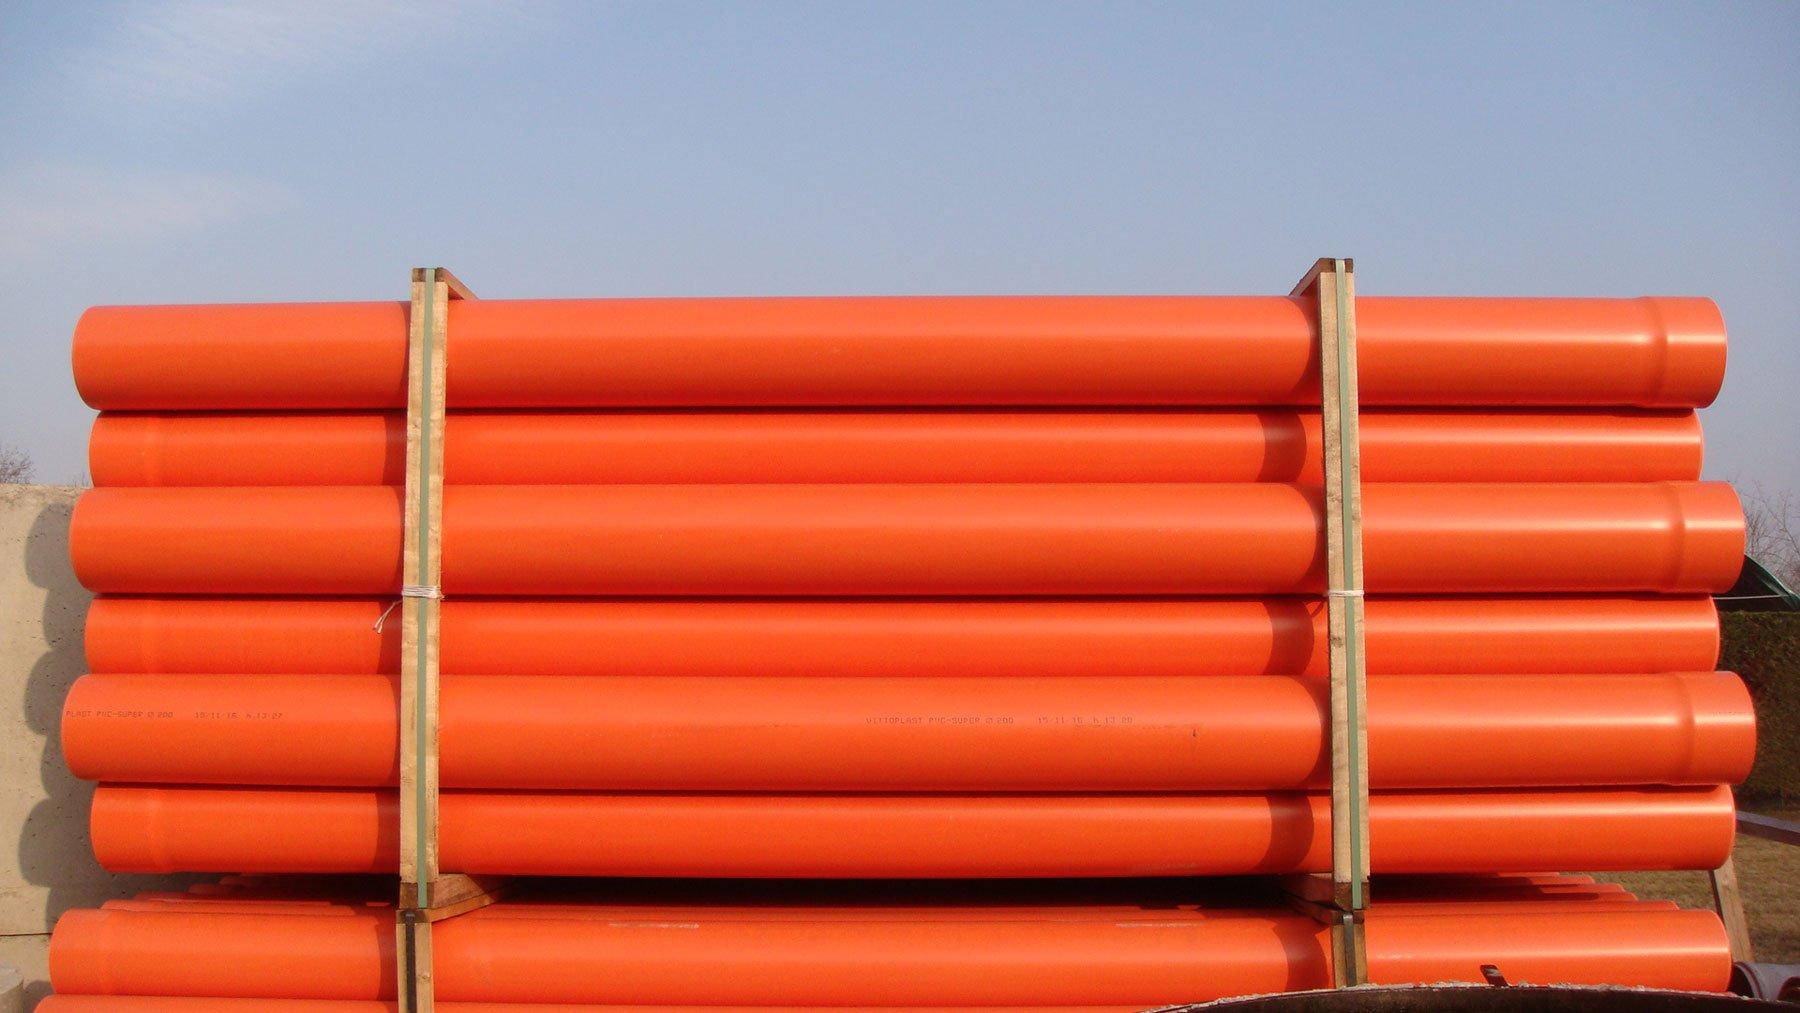 dei tubi arancioni uno sopra l'altro